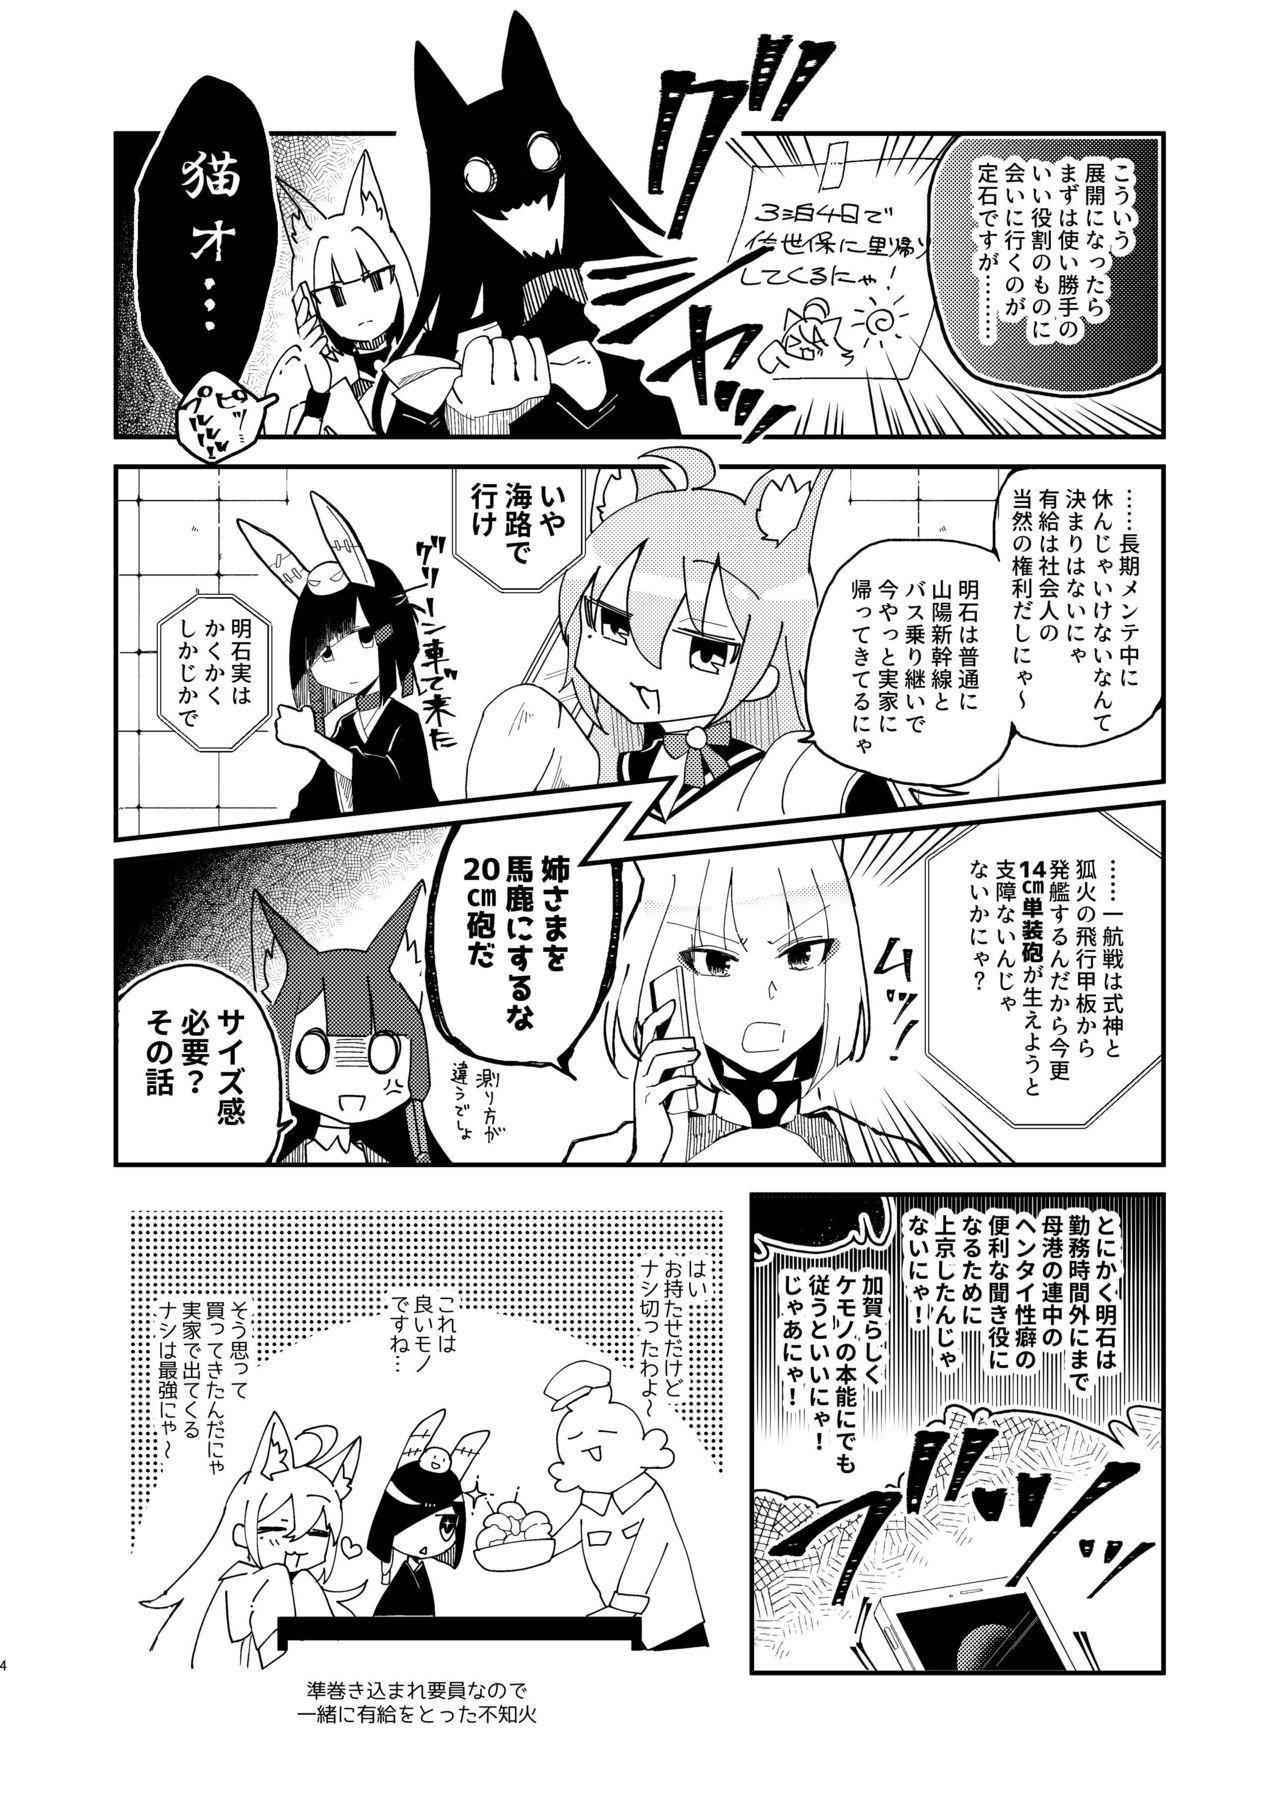 Kitai no Shisugi wa Kinmotsu desu! - Sticks are not necessarily buff 2